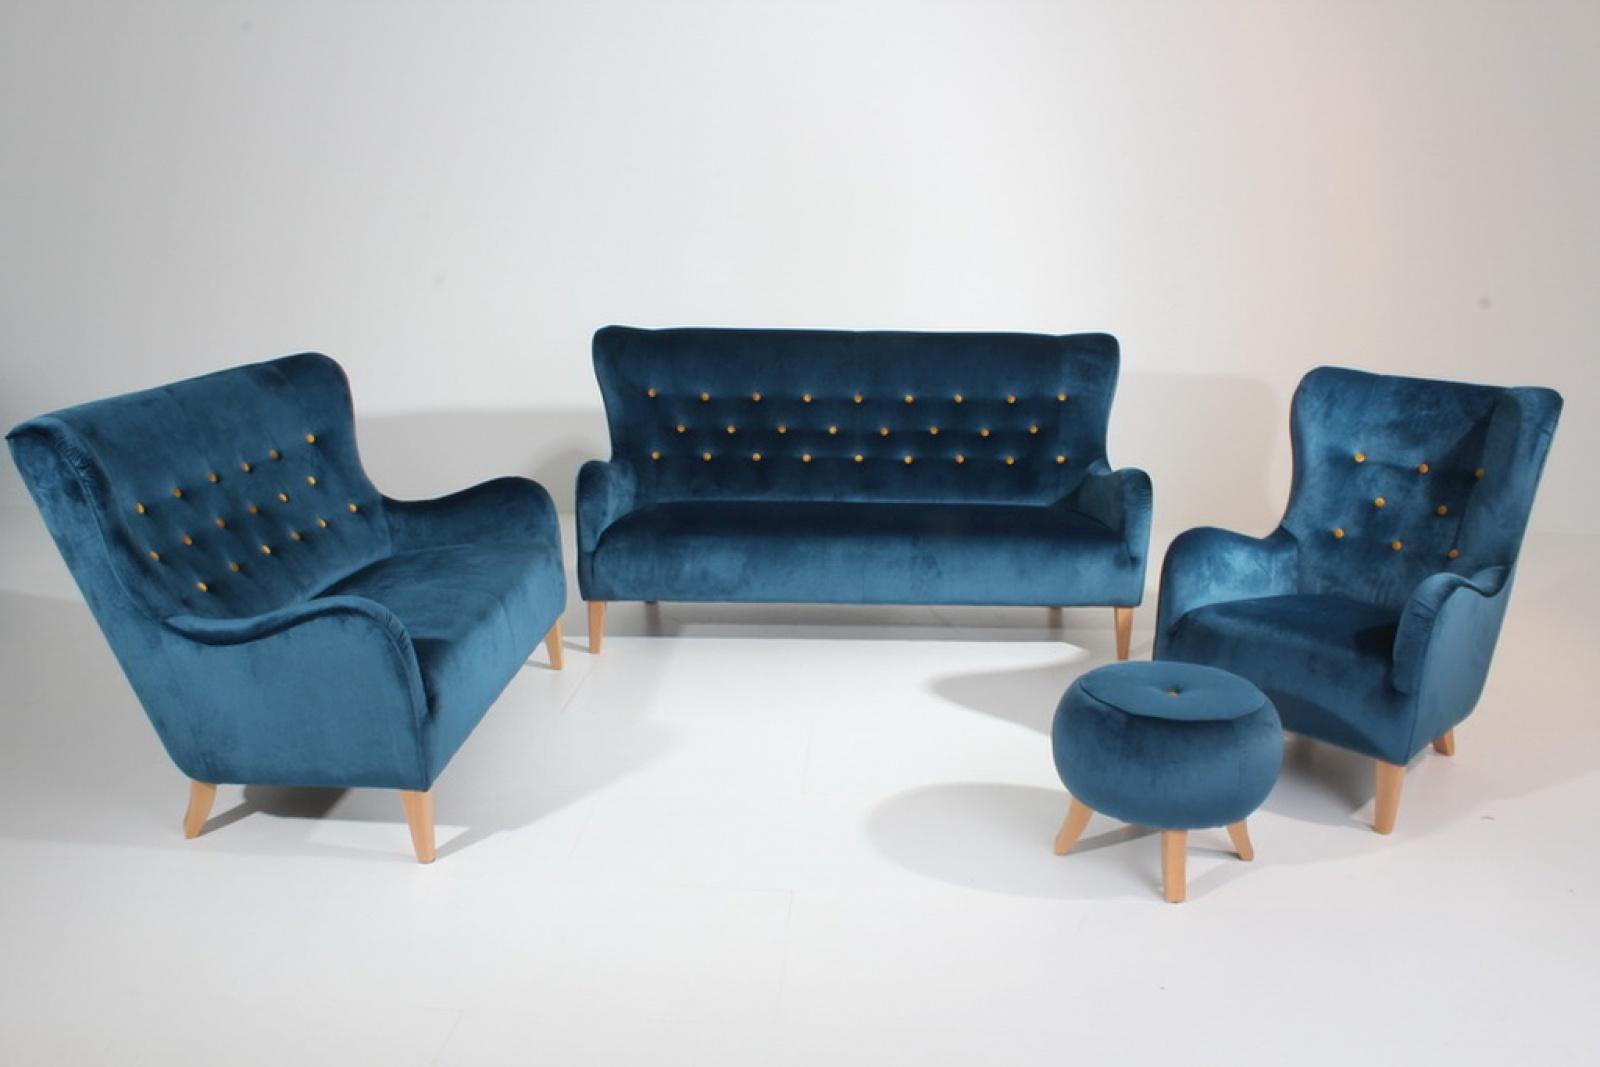 sofa s 2 medina samtvelours blau mit gelben kn pfen kaufen bei m bel lux. Black Bedroom Furniture Sets. Home Design Ideas